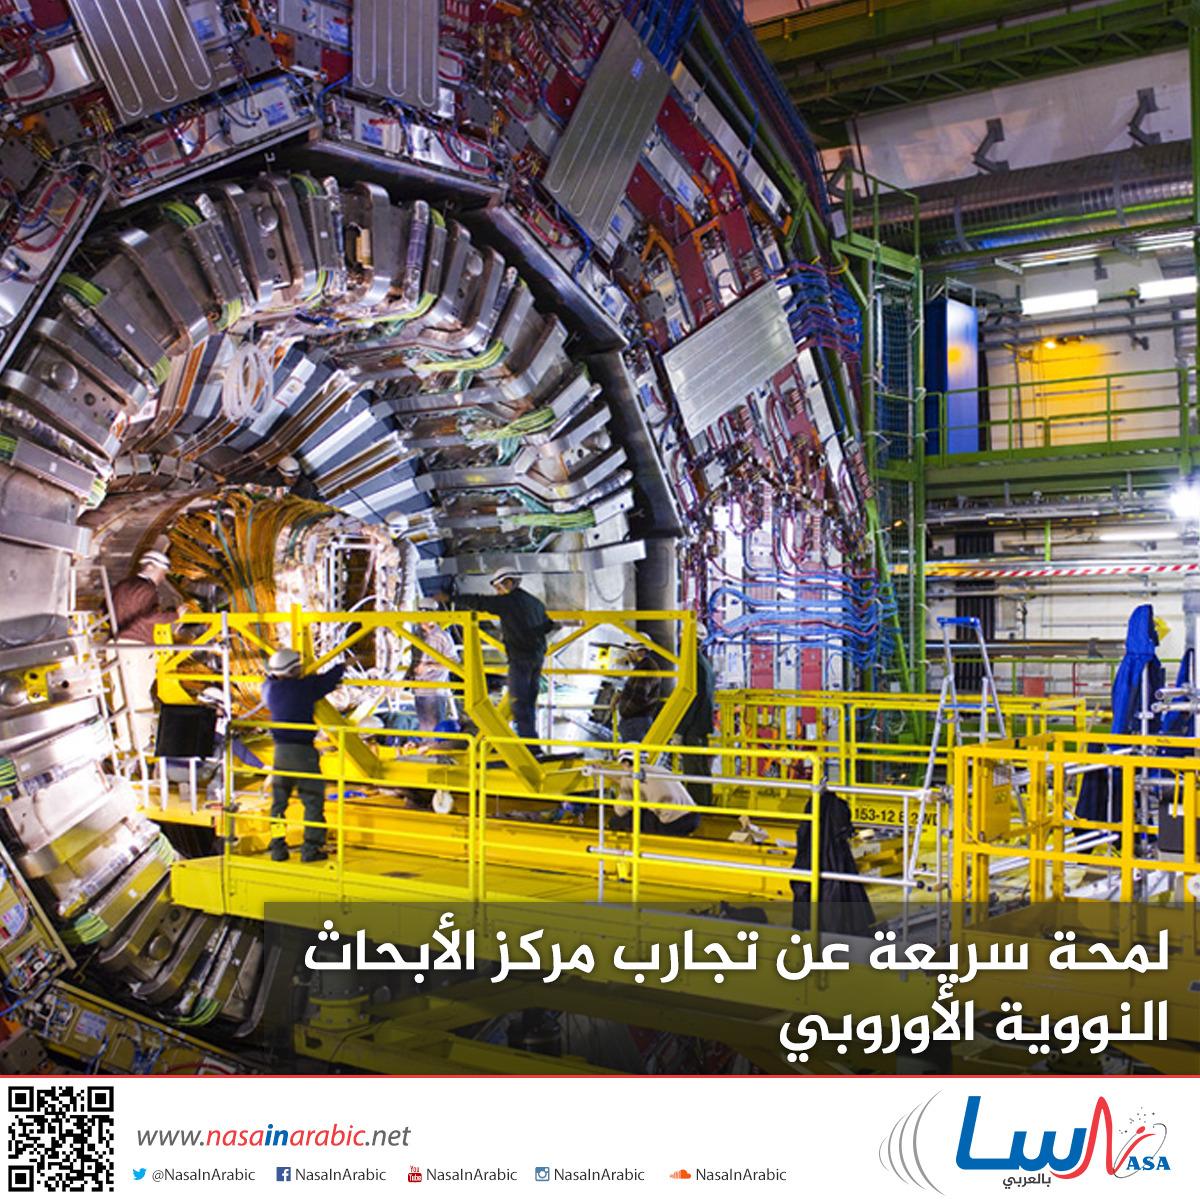 لمحة سريعة عن تجارب مركز الأبحاث النووية الأوروبي